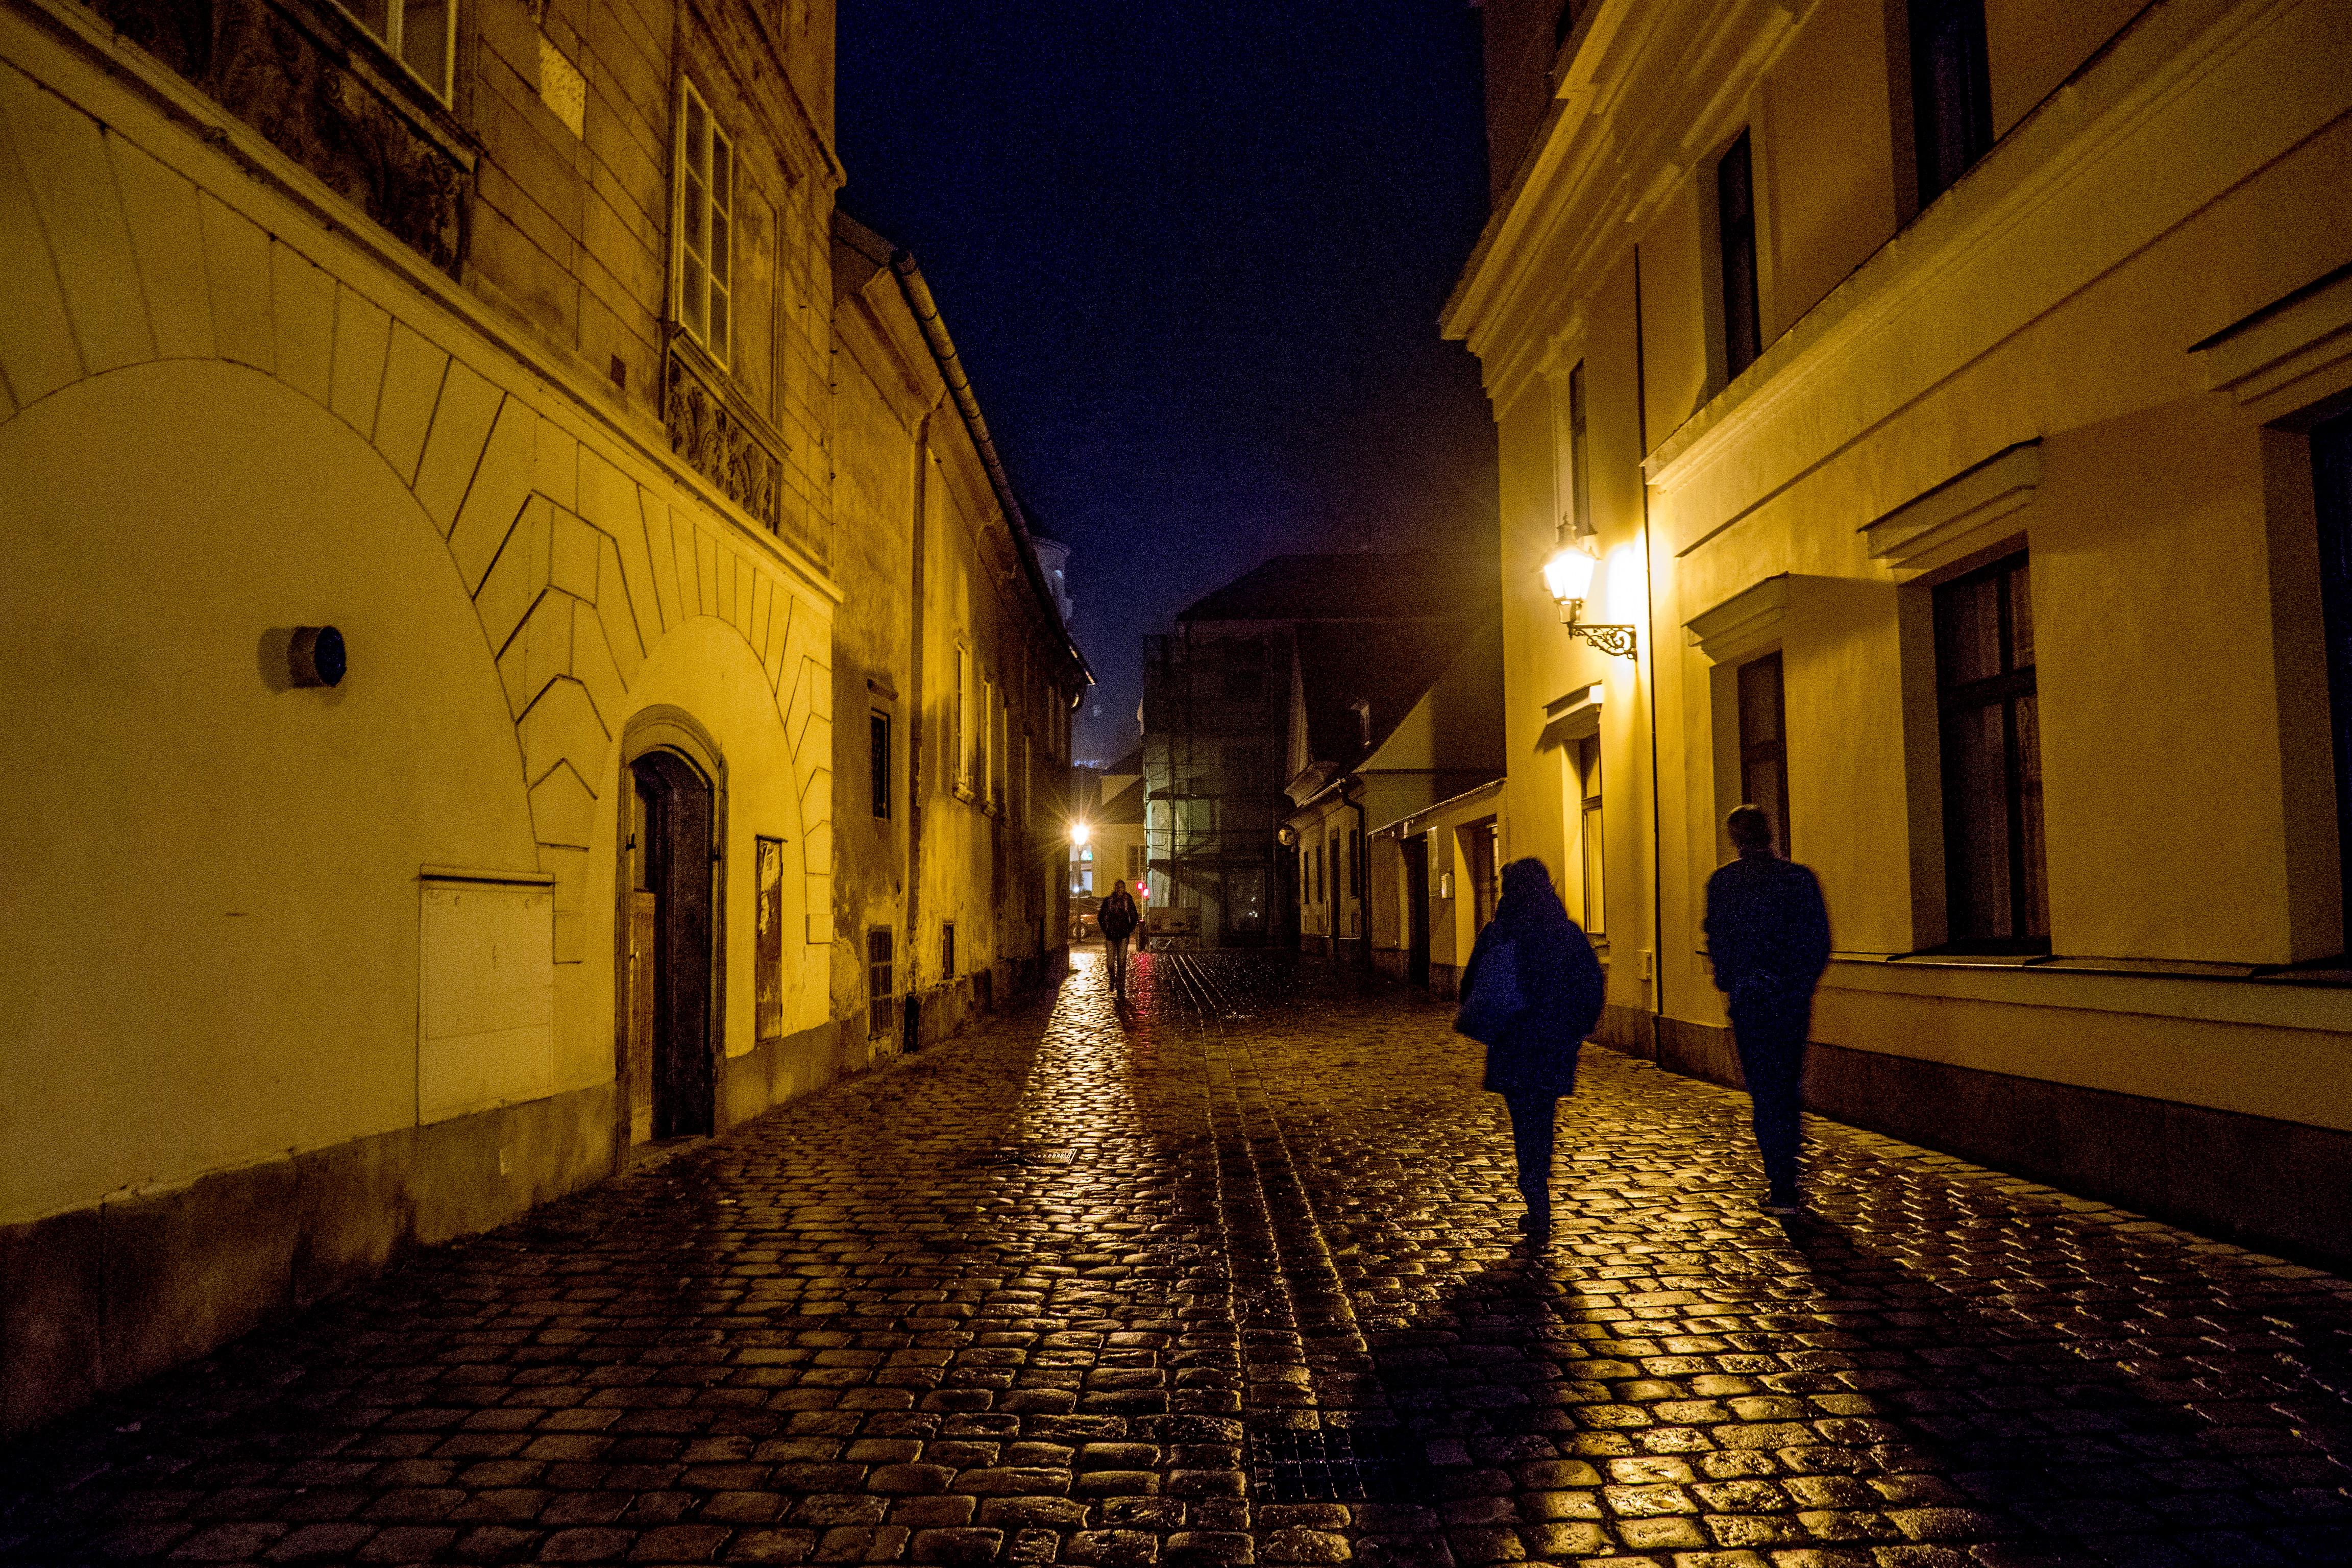 フォトジェニックな街をゆっくり撮り歩きしたい #チェコで行きたいところ MY BEST3 リトミシュル ミクロフ ブルノ #チェコ親善アンバサダー